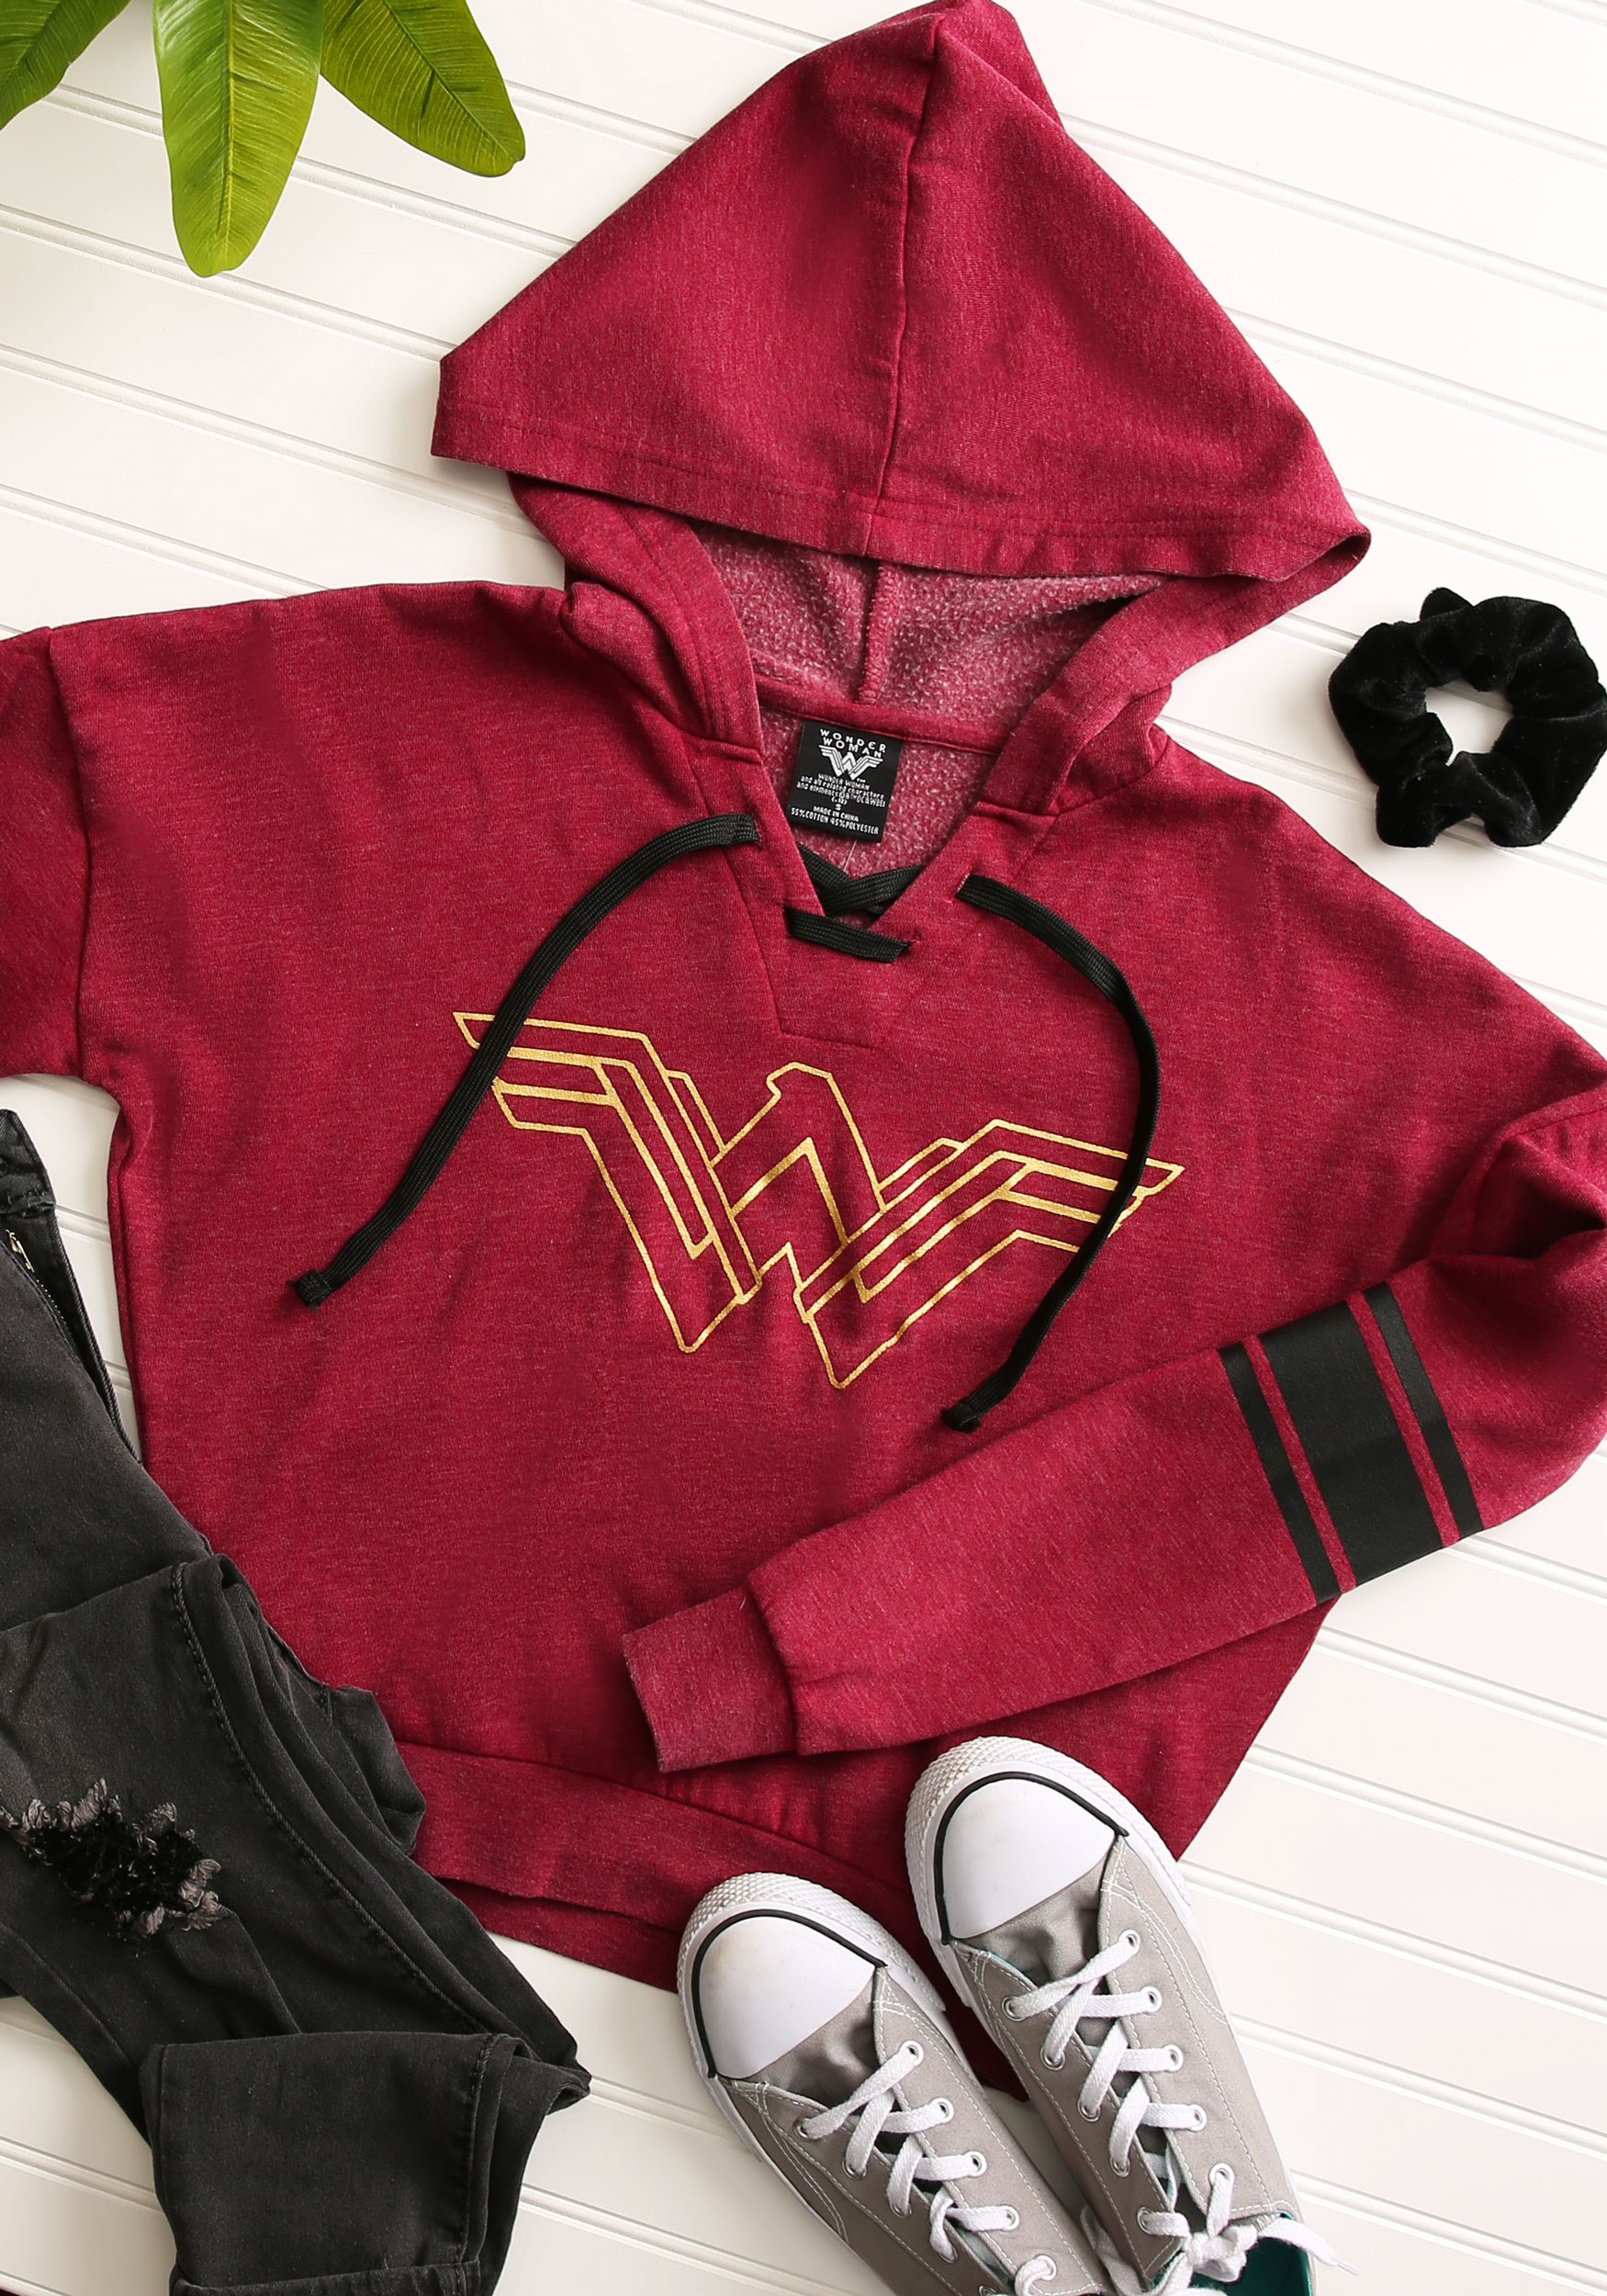 WONDER WOMAN LOGO Licensed Sweatshirt Hoodie